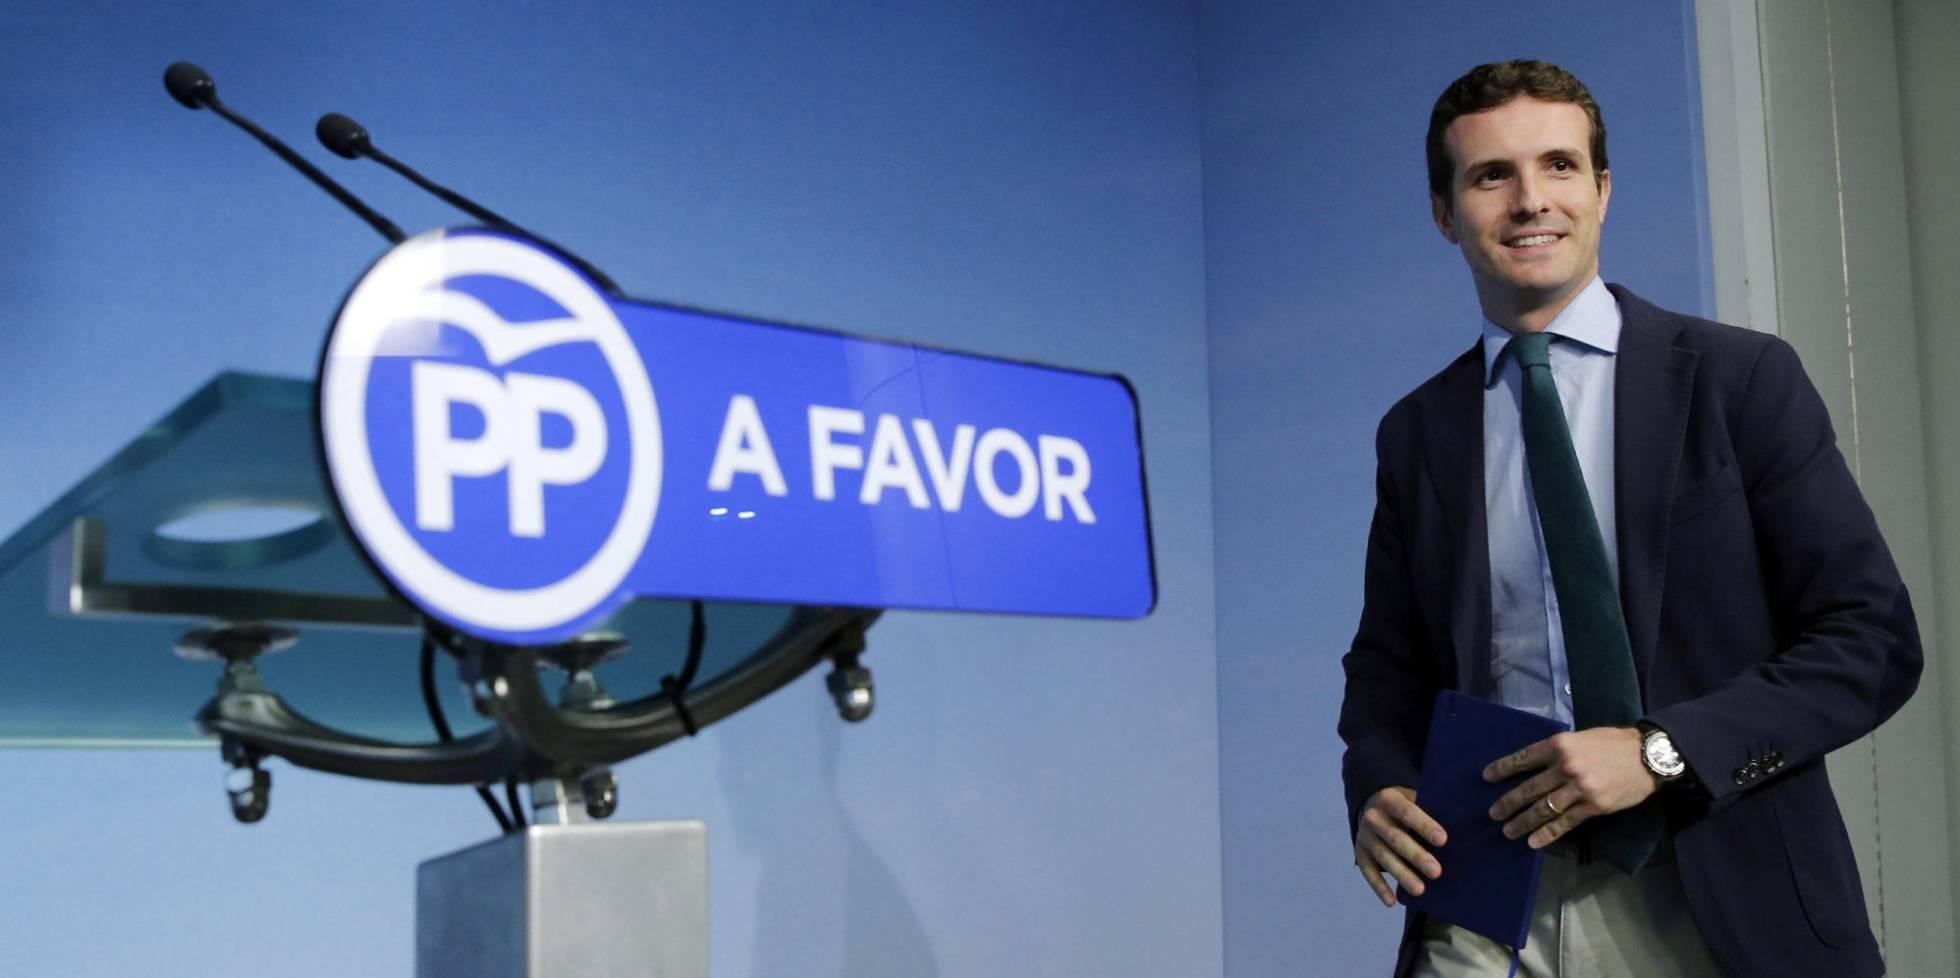 Mariscal EFE El País